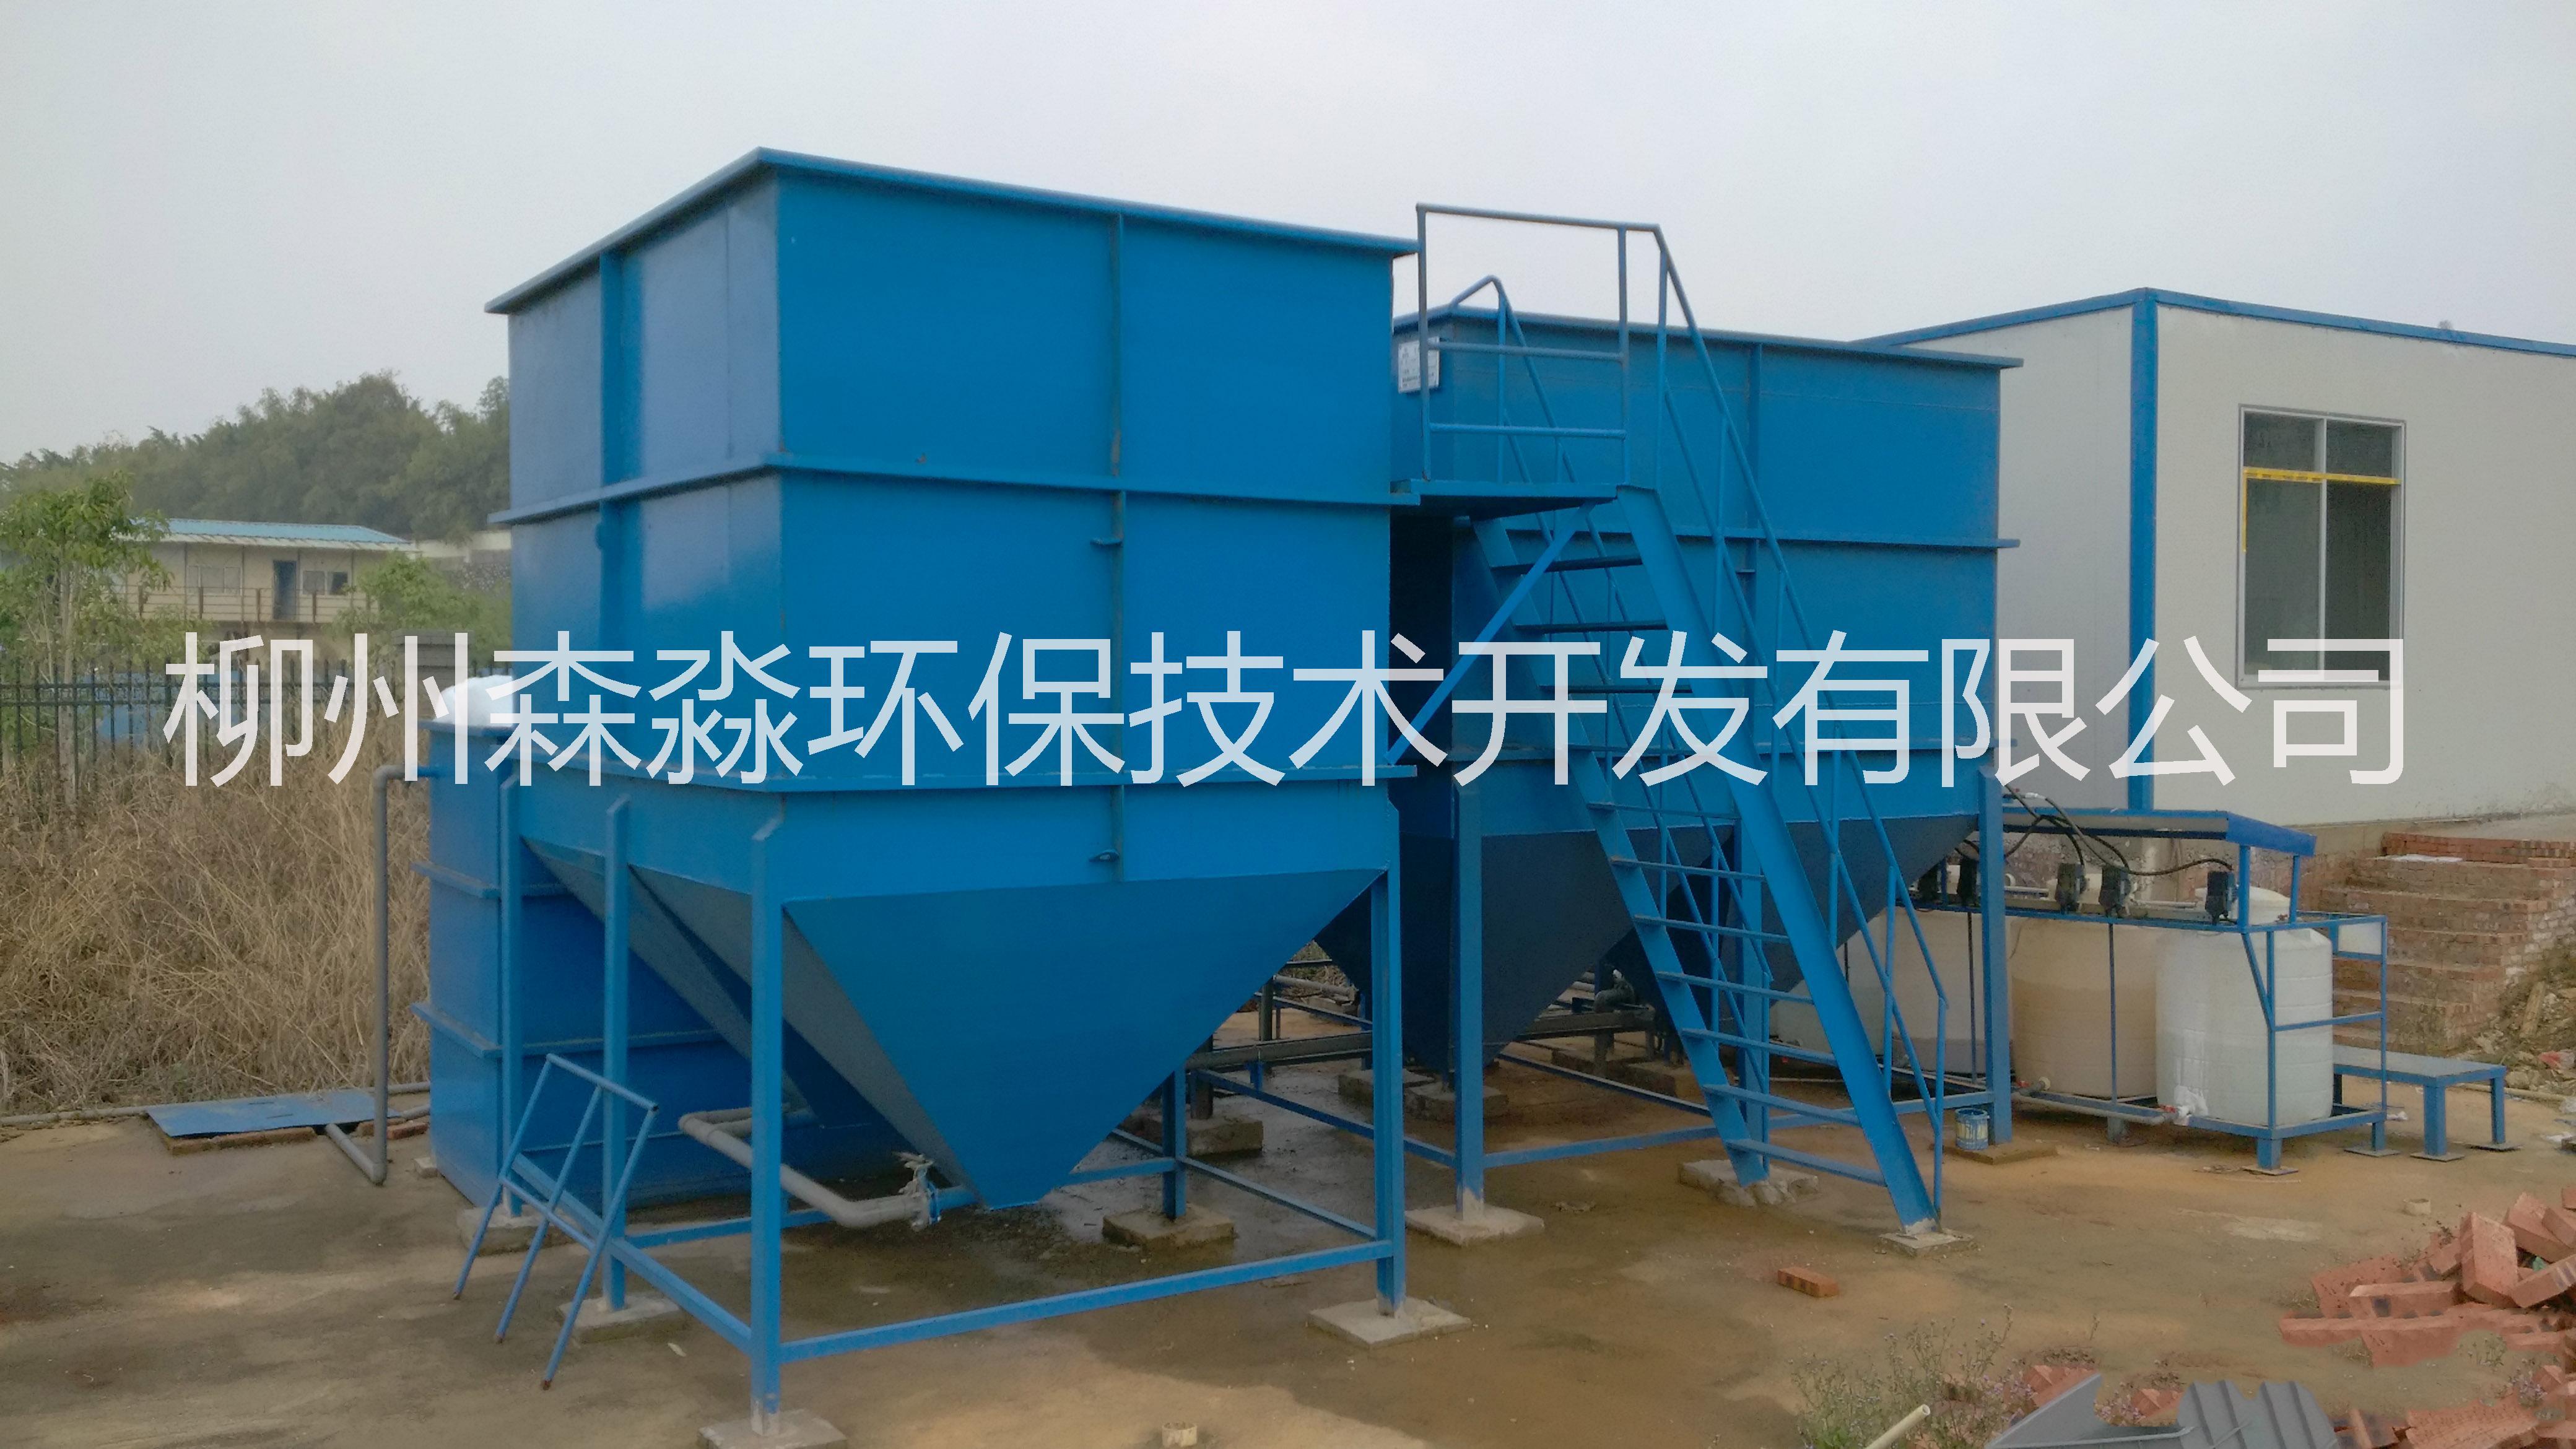 专业承包养猪厂废水零排放处理工程 柳州森淼技术已超10年